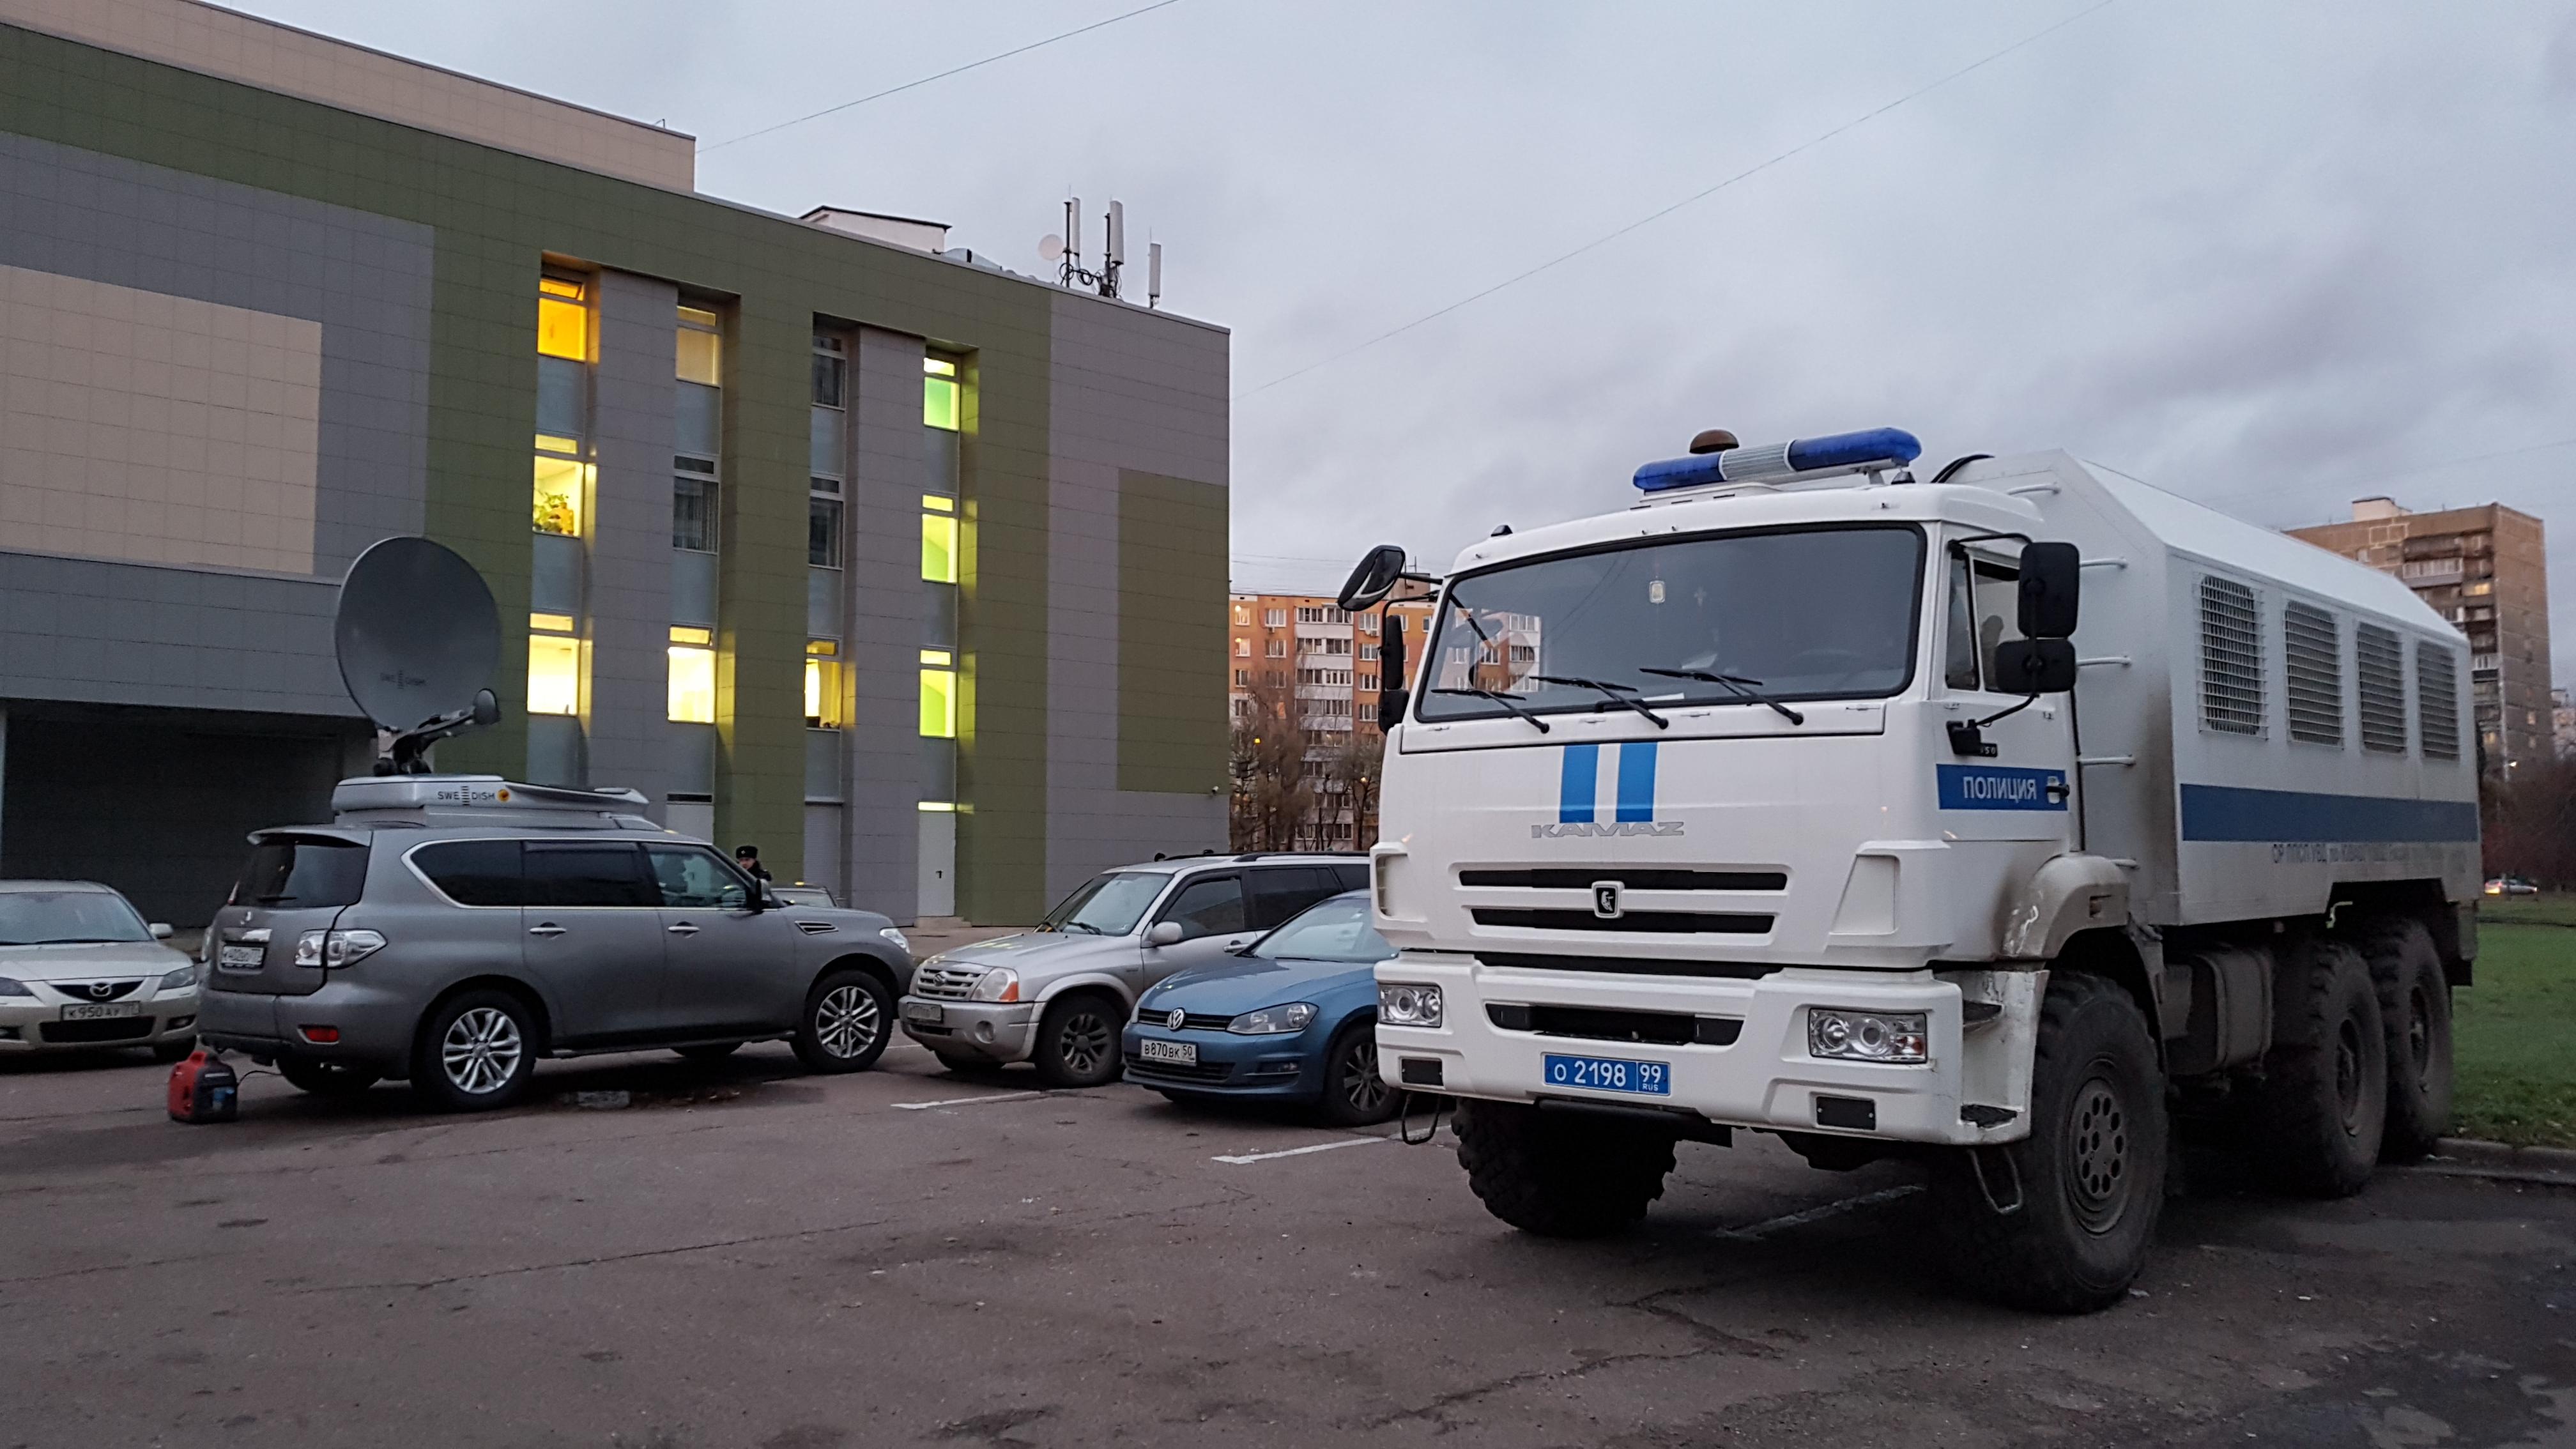 """Автозак у кинотеатра """"Тула"""". (01 ноября 2017 года) Фото: Рустам Билялов"""